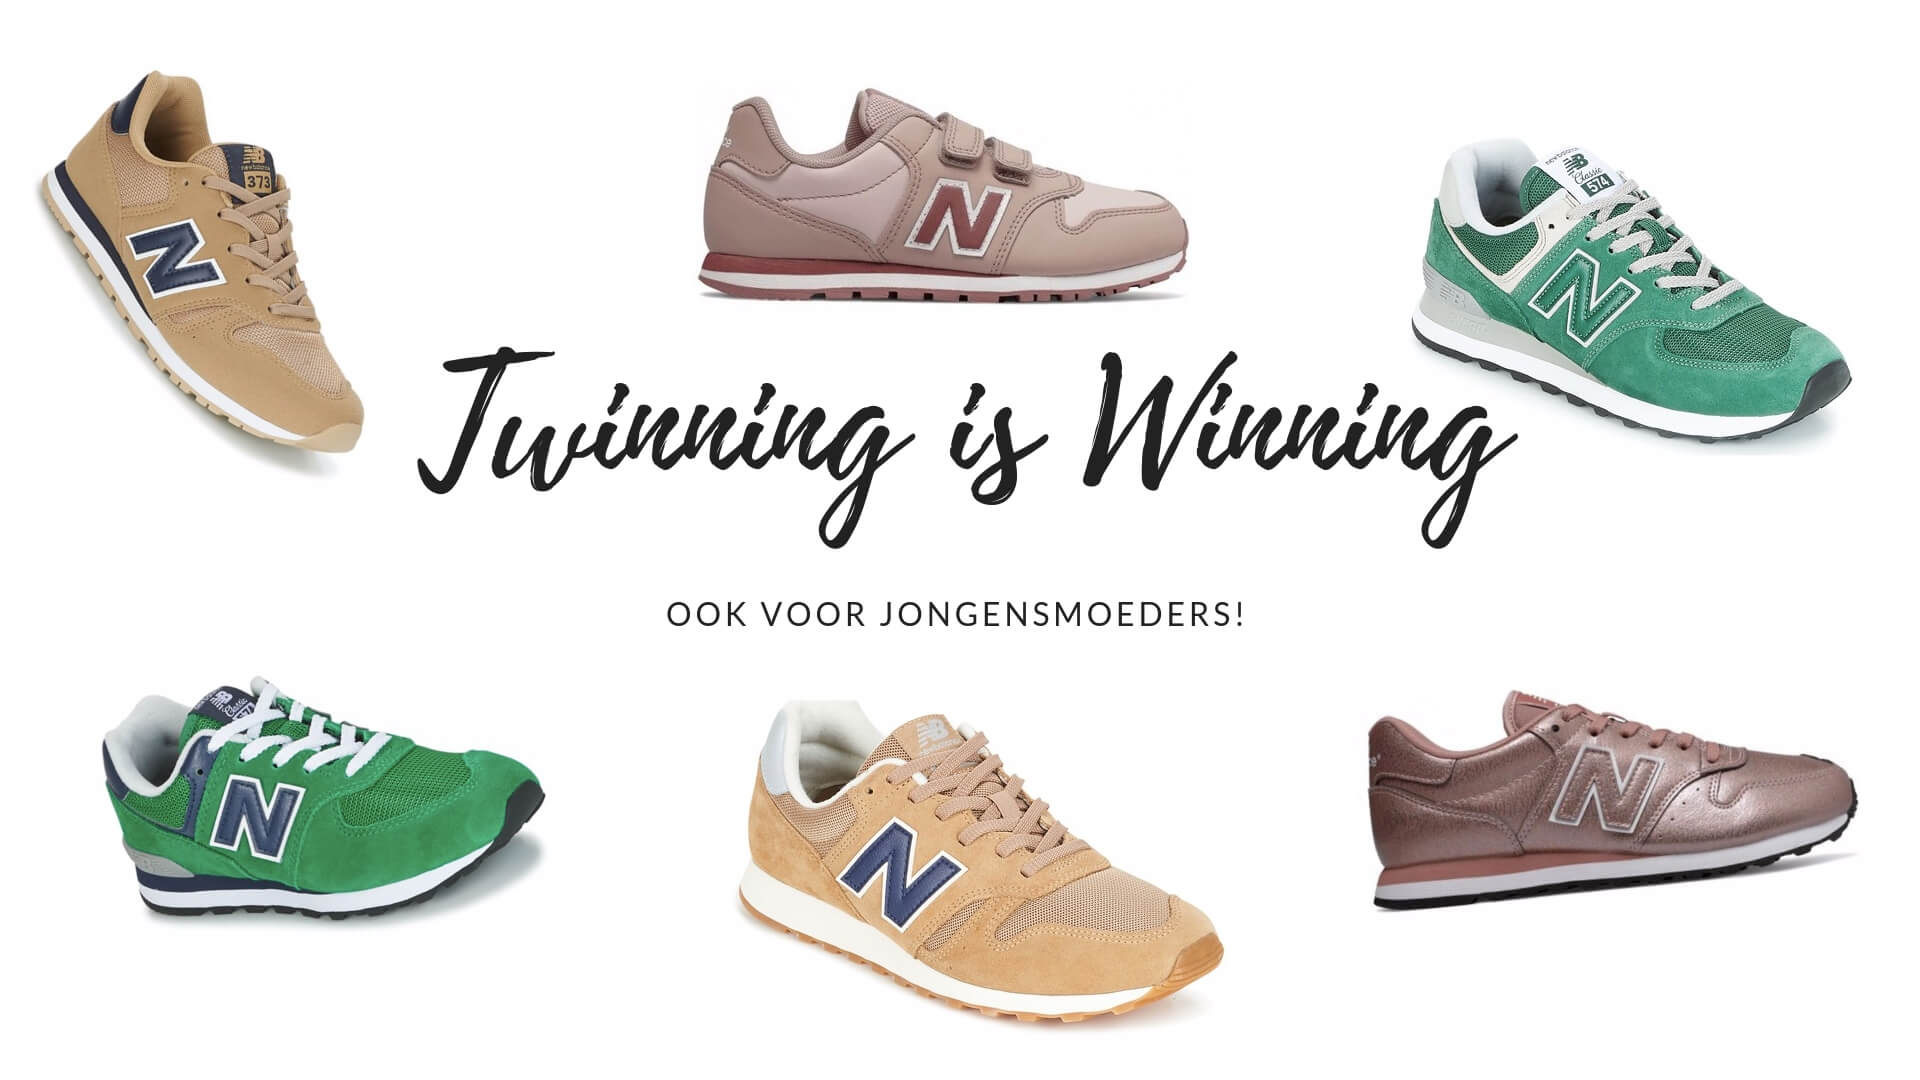 Twinning is winning | ook voor jongensmoeders!